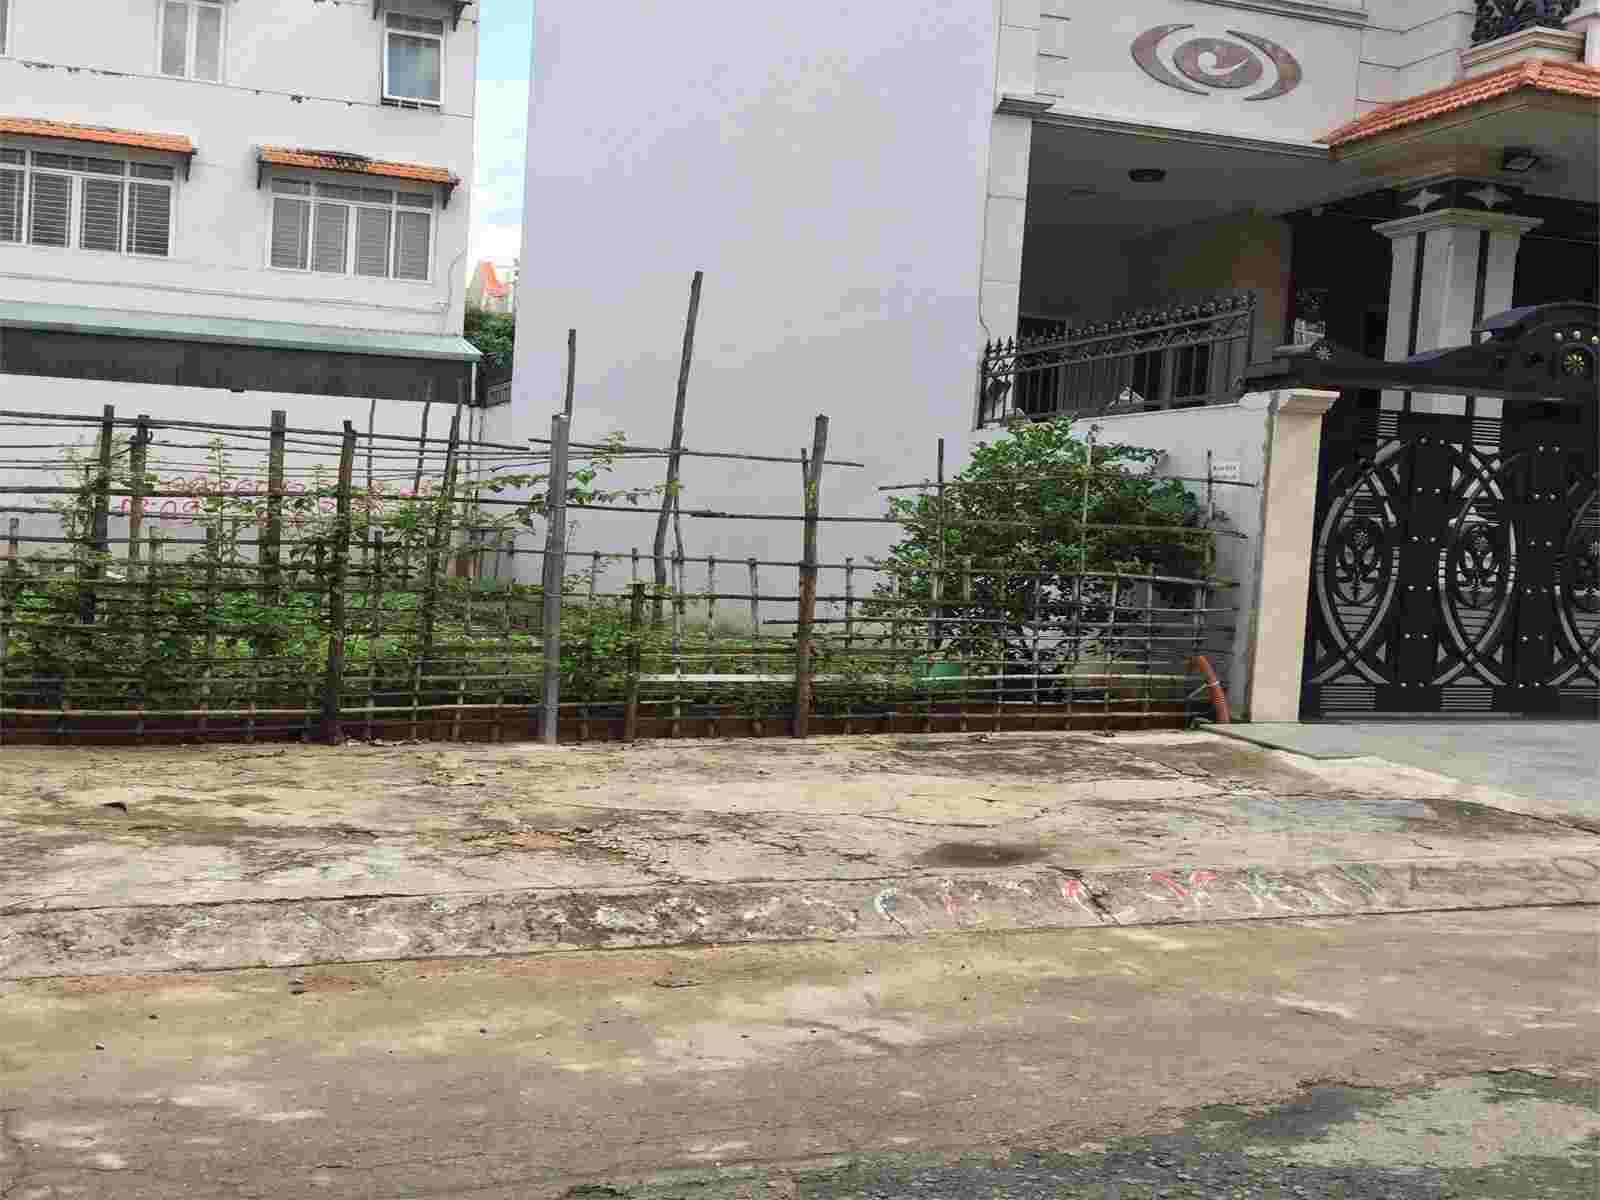 Bán gấp đất nền dự án Kim Sơn quận 7, sổ đỏ, 100m2, nền A110, giá 118 triệu/m2. LH: 0913.050.053